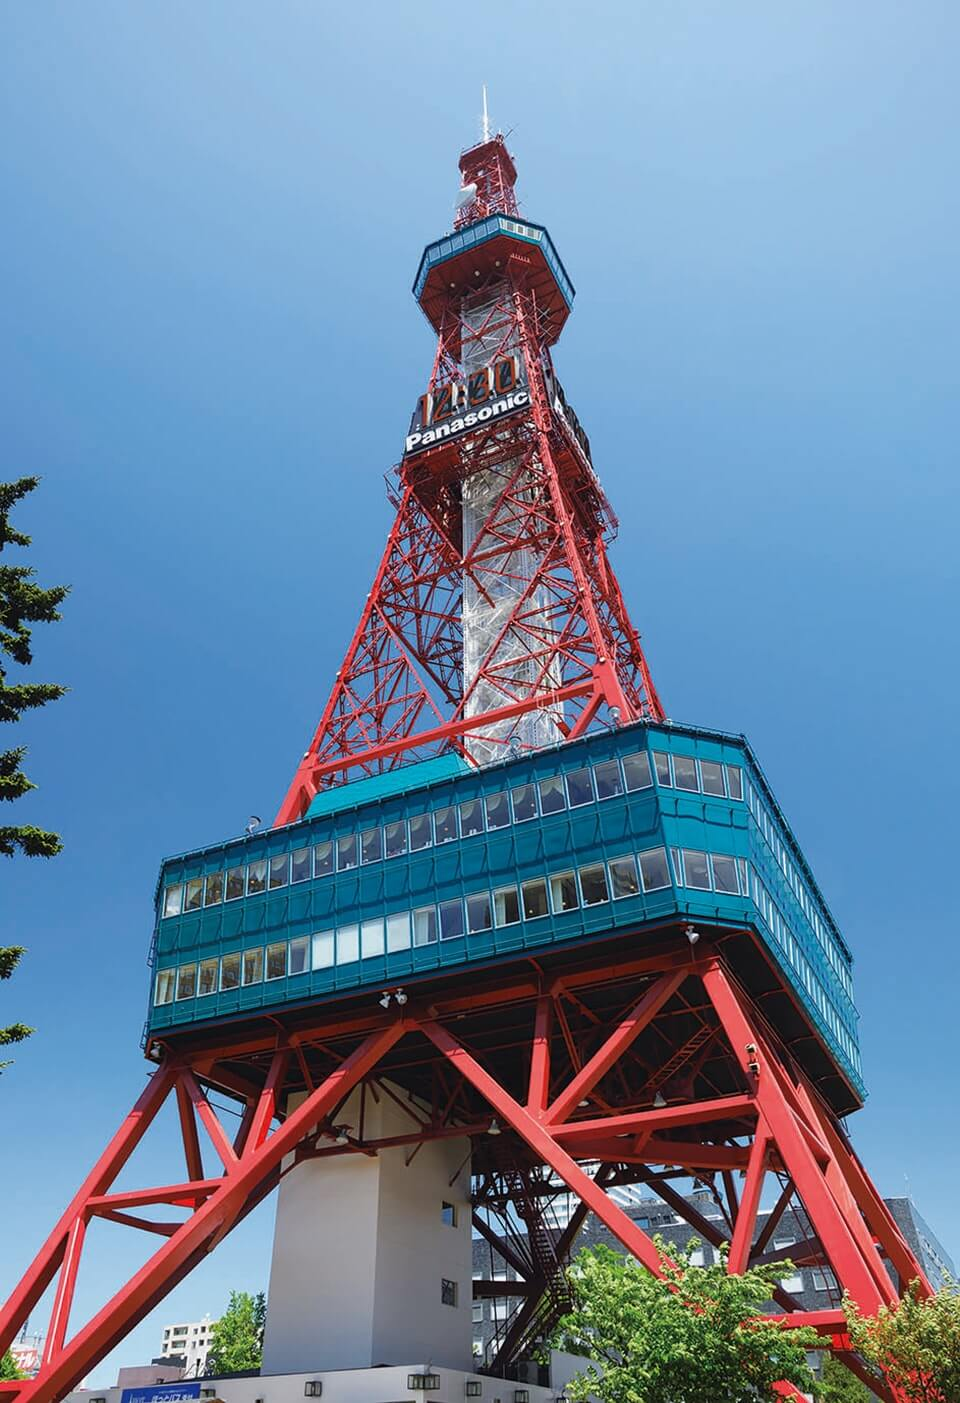 さっぽろテレビ塔北海道ご当地限定ジグソーパズルシリーズパズル